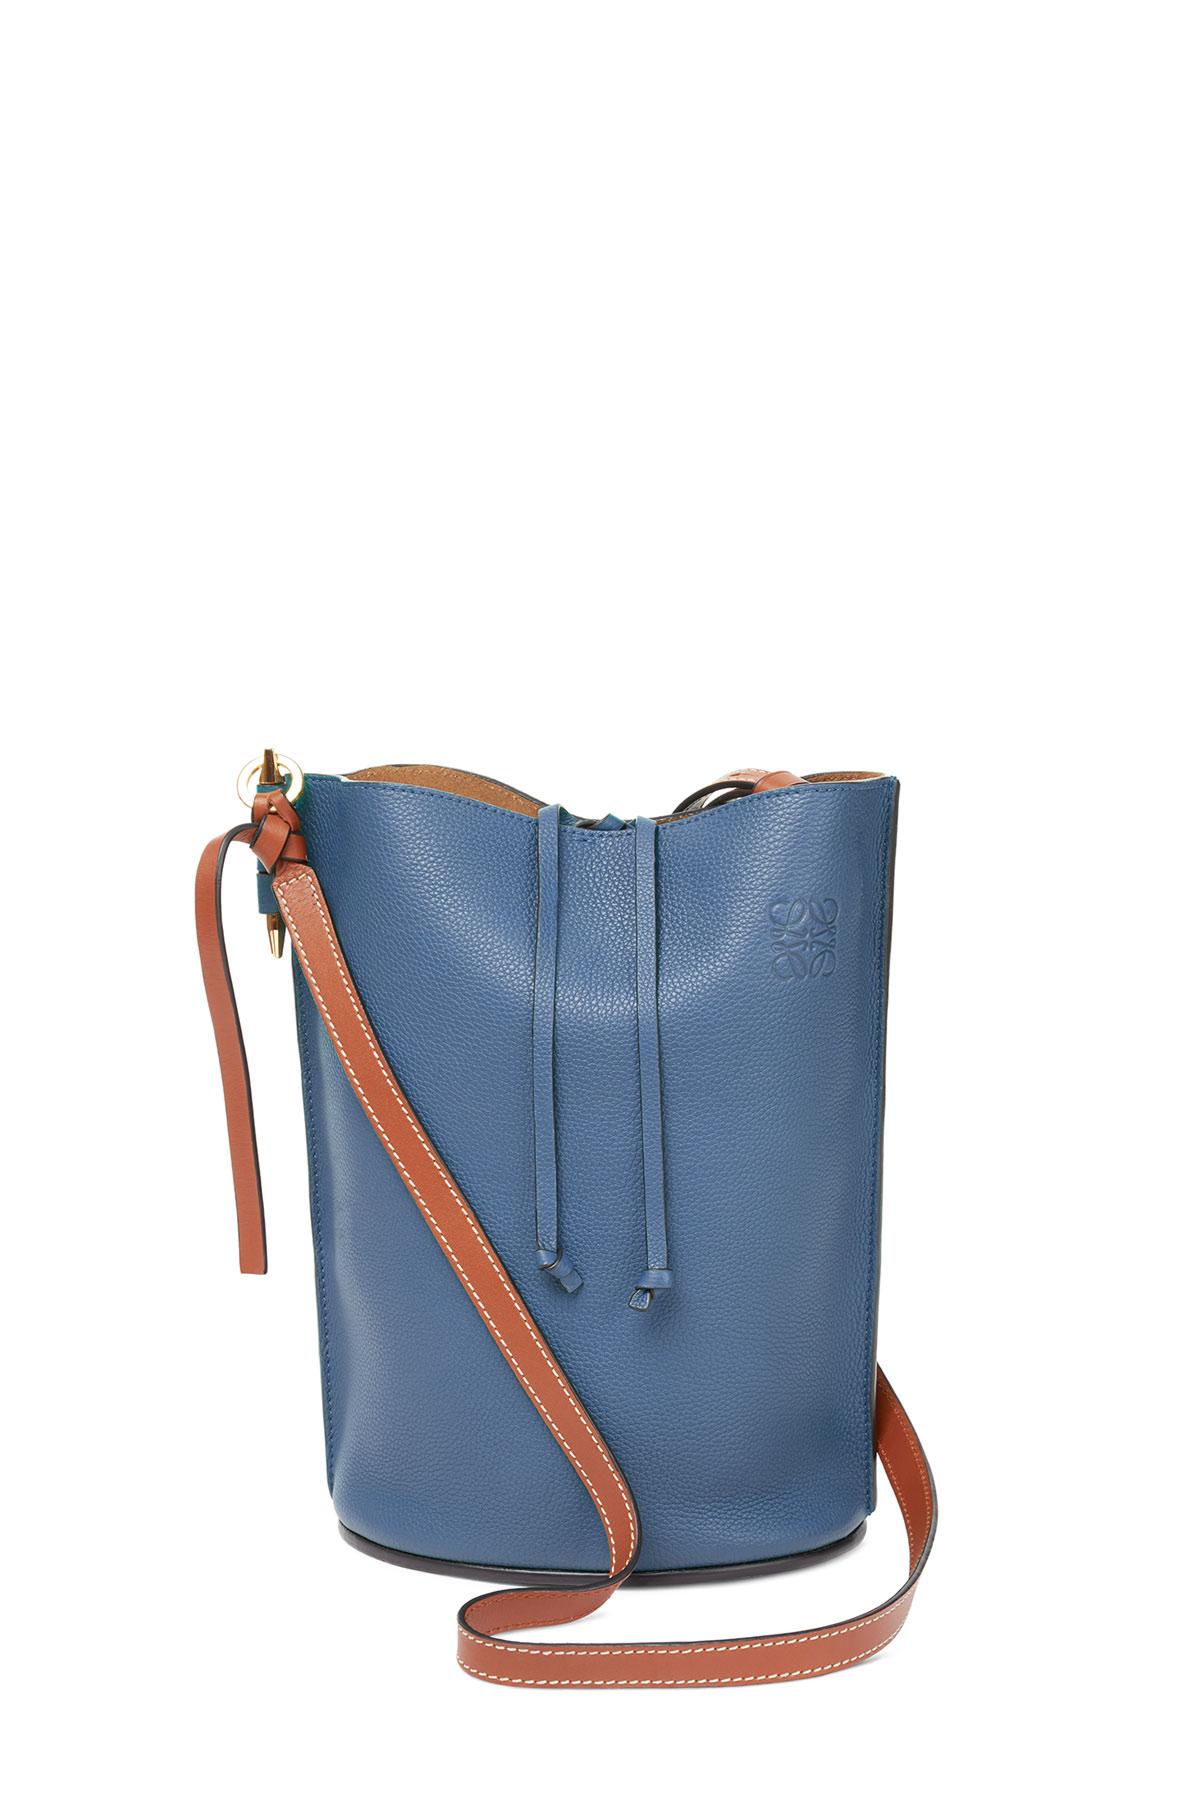 LOEWE Gate Bucket Bag Varsity Blue/Pecan Color front